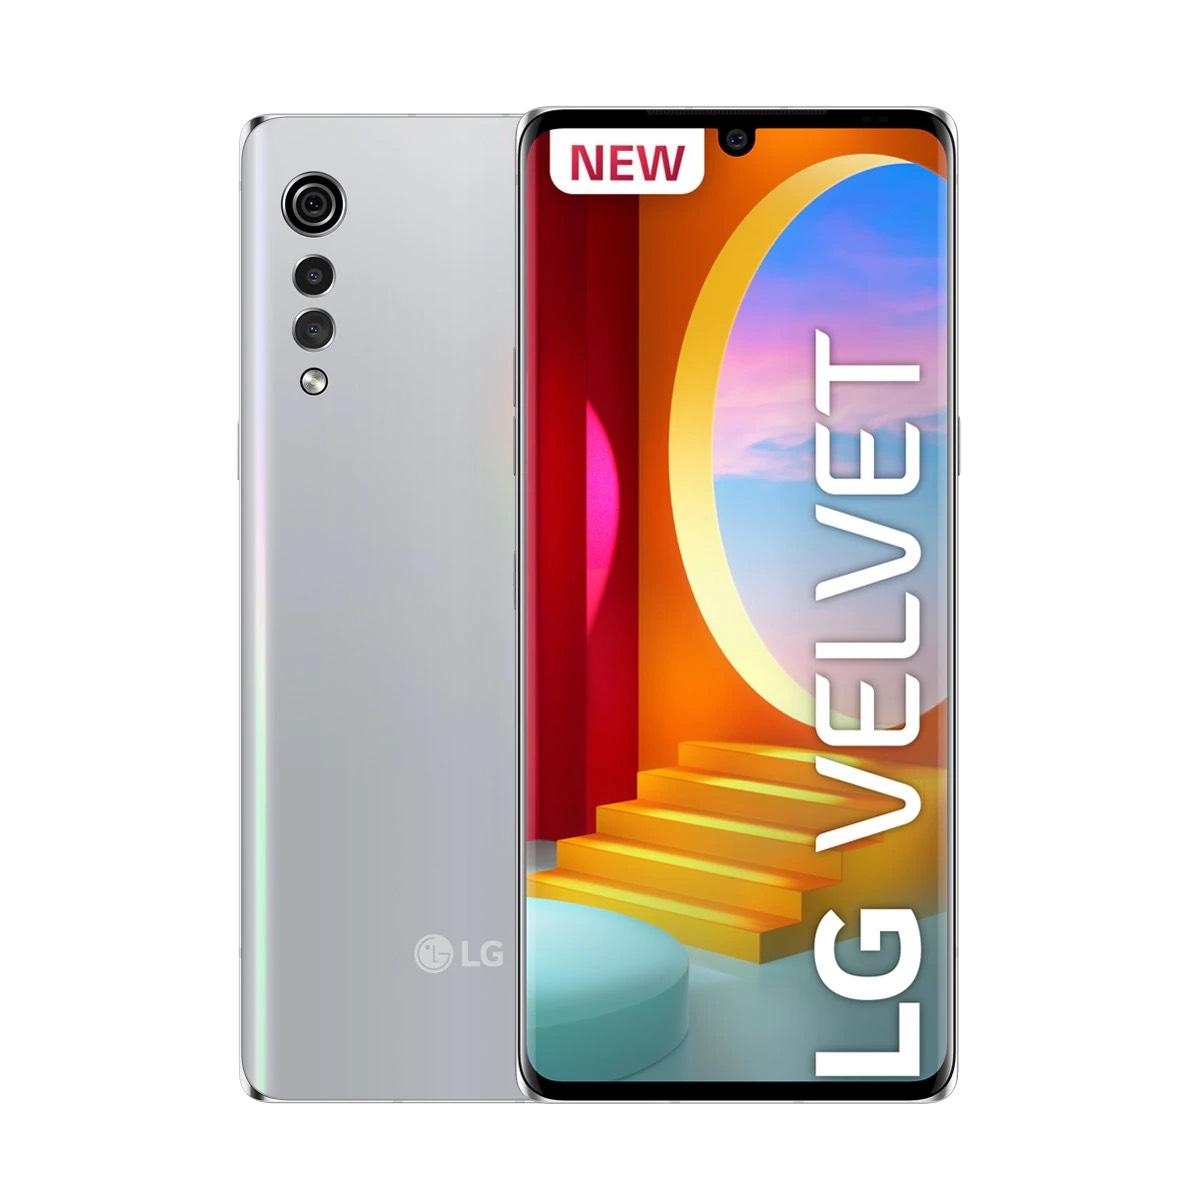 LG Velvet 6 GB + 128 GB aurora silver 4G